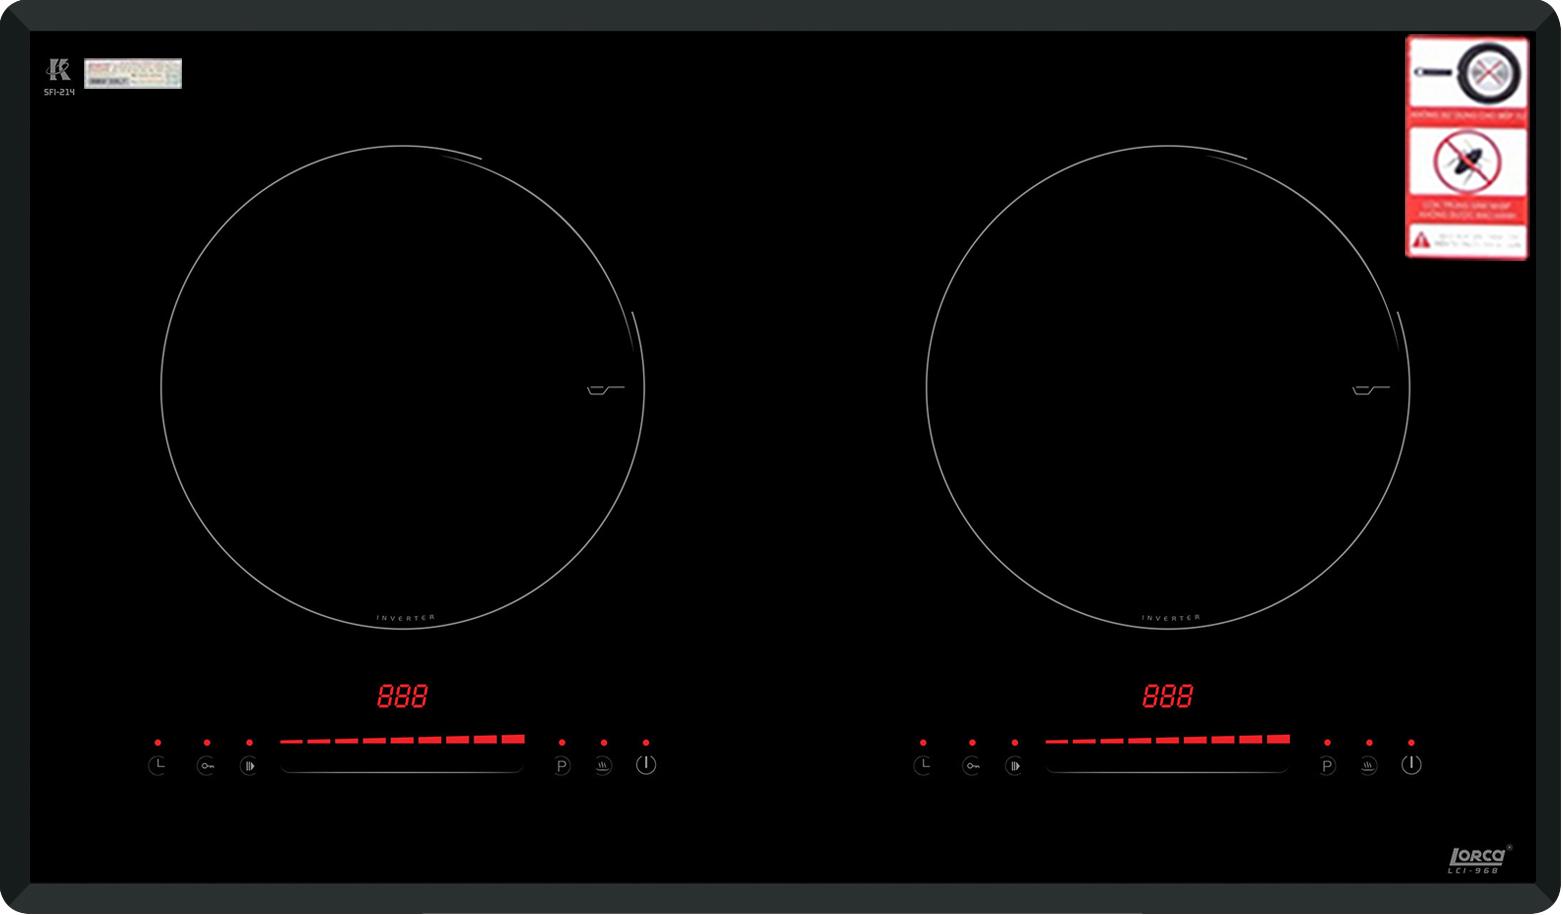 Mua bếp từ Lorca LCI-968 giá tốt nhất chỉ có tại HSN.VN